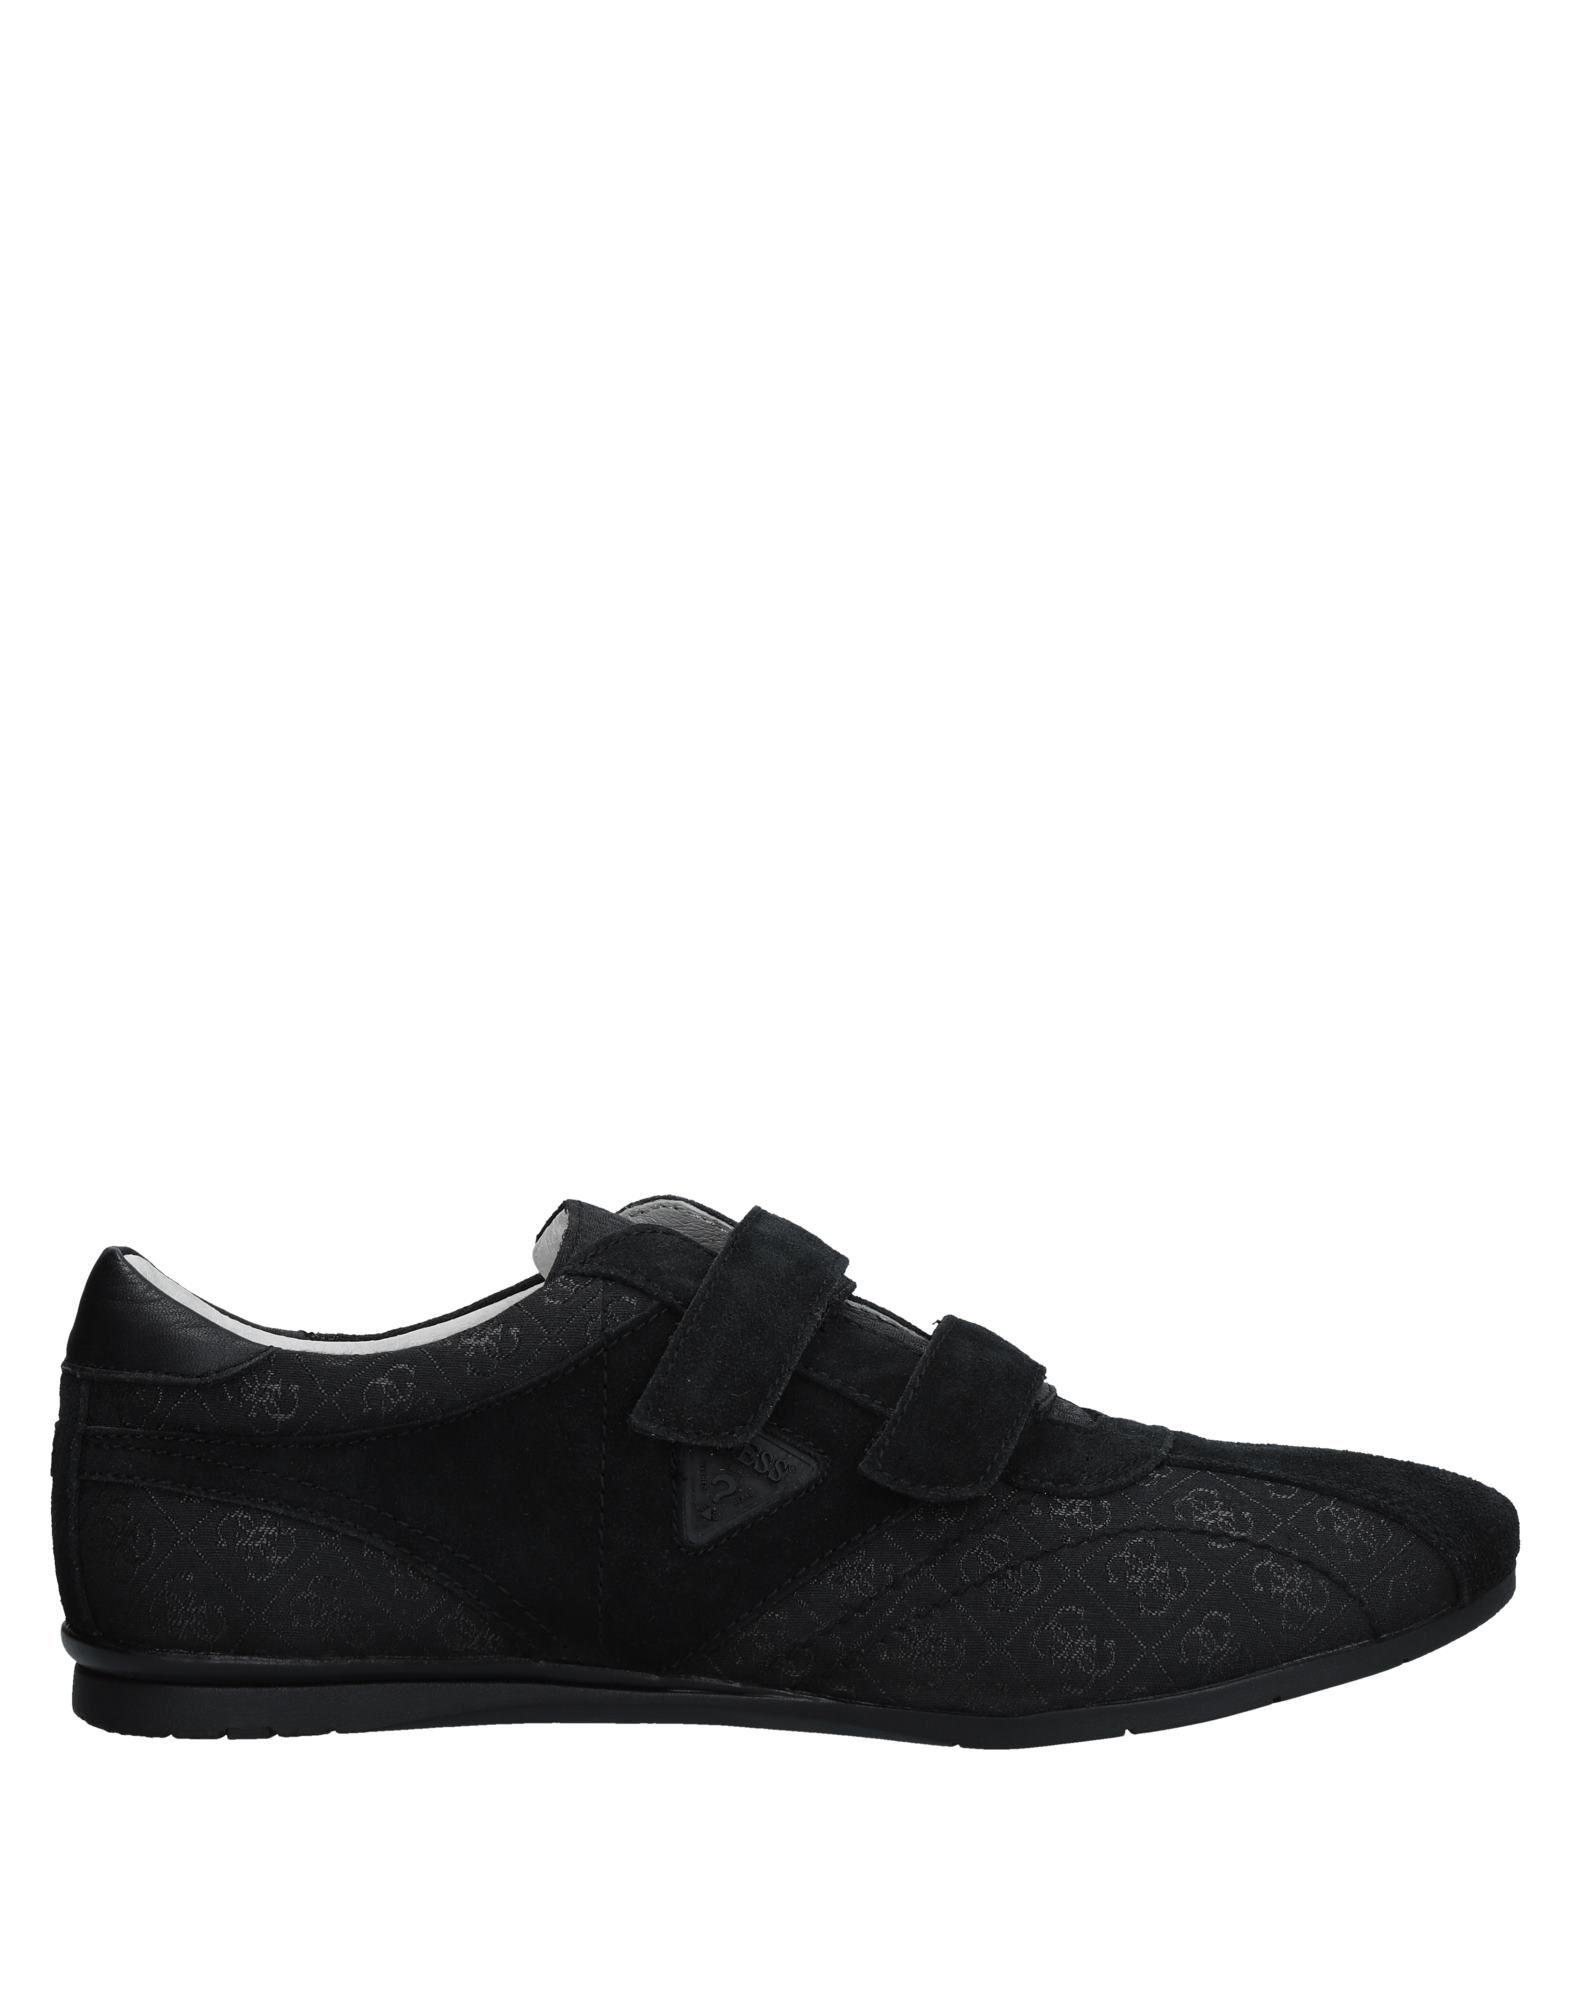 Rabatt echte Schuhe Guess Sneakers Herren  11018326XM